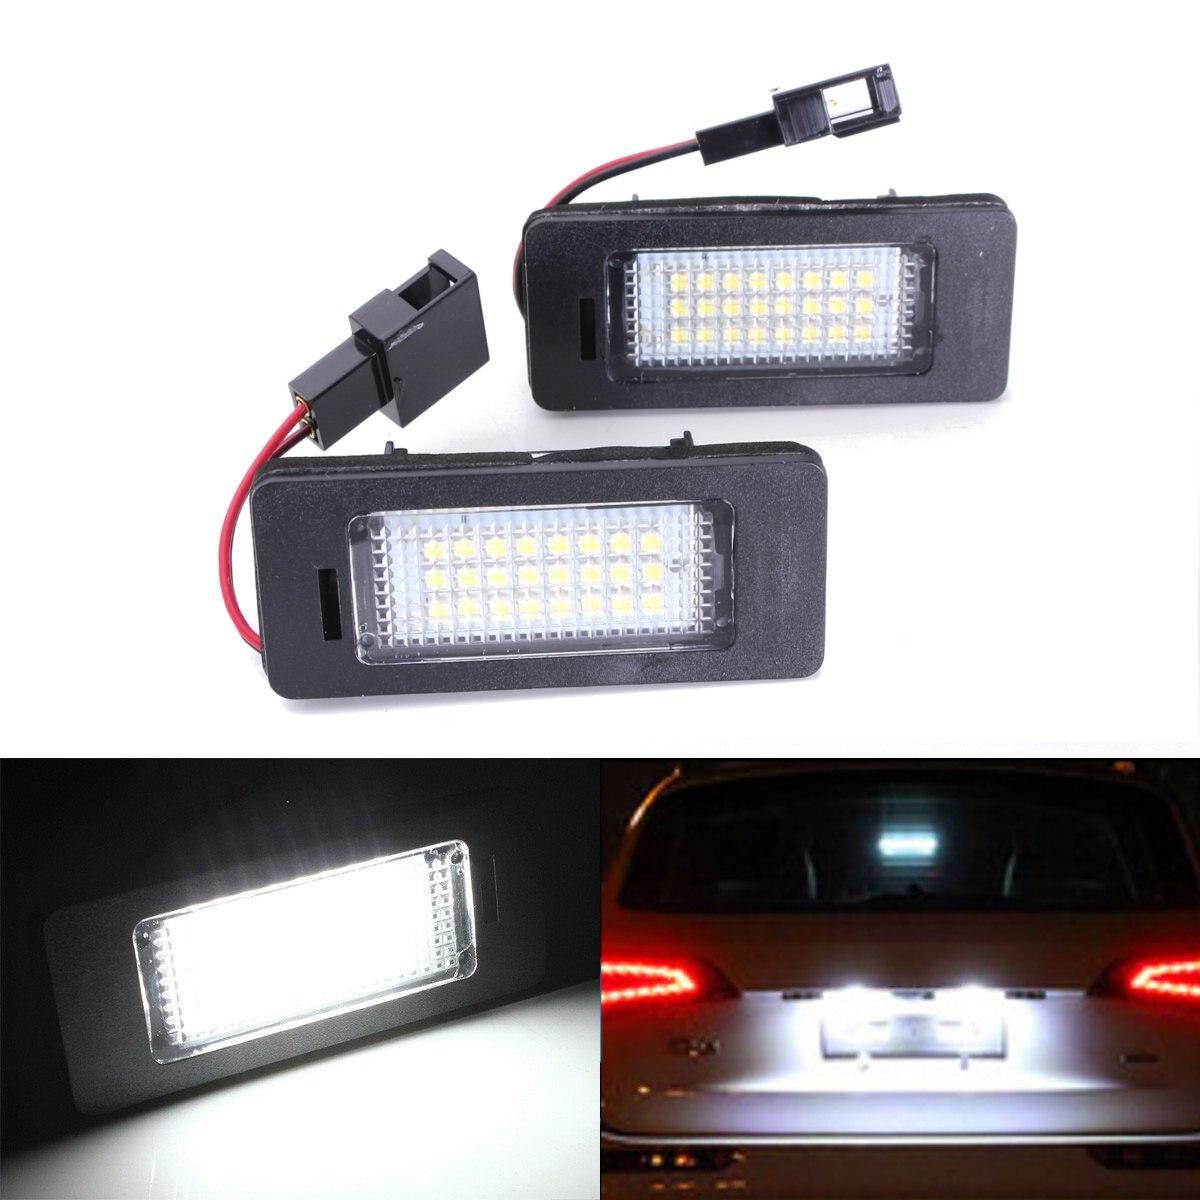 2x LED Plaque D'immatriculation De Voiture Lumière 12V SMD3528 Pour Audi A4 B8 A5 Q5 S5 TT A1 S4 A6 A7 2008-2013 Sans erreur